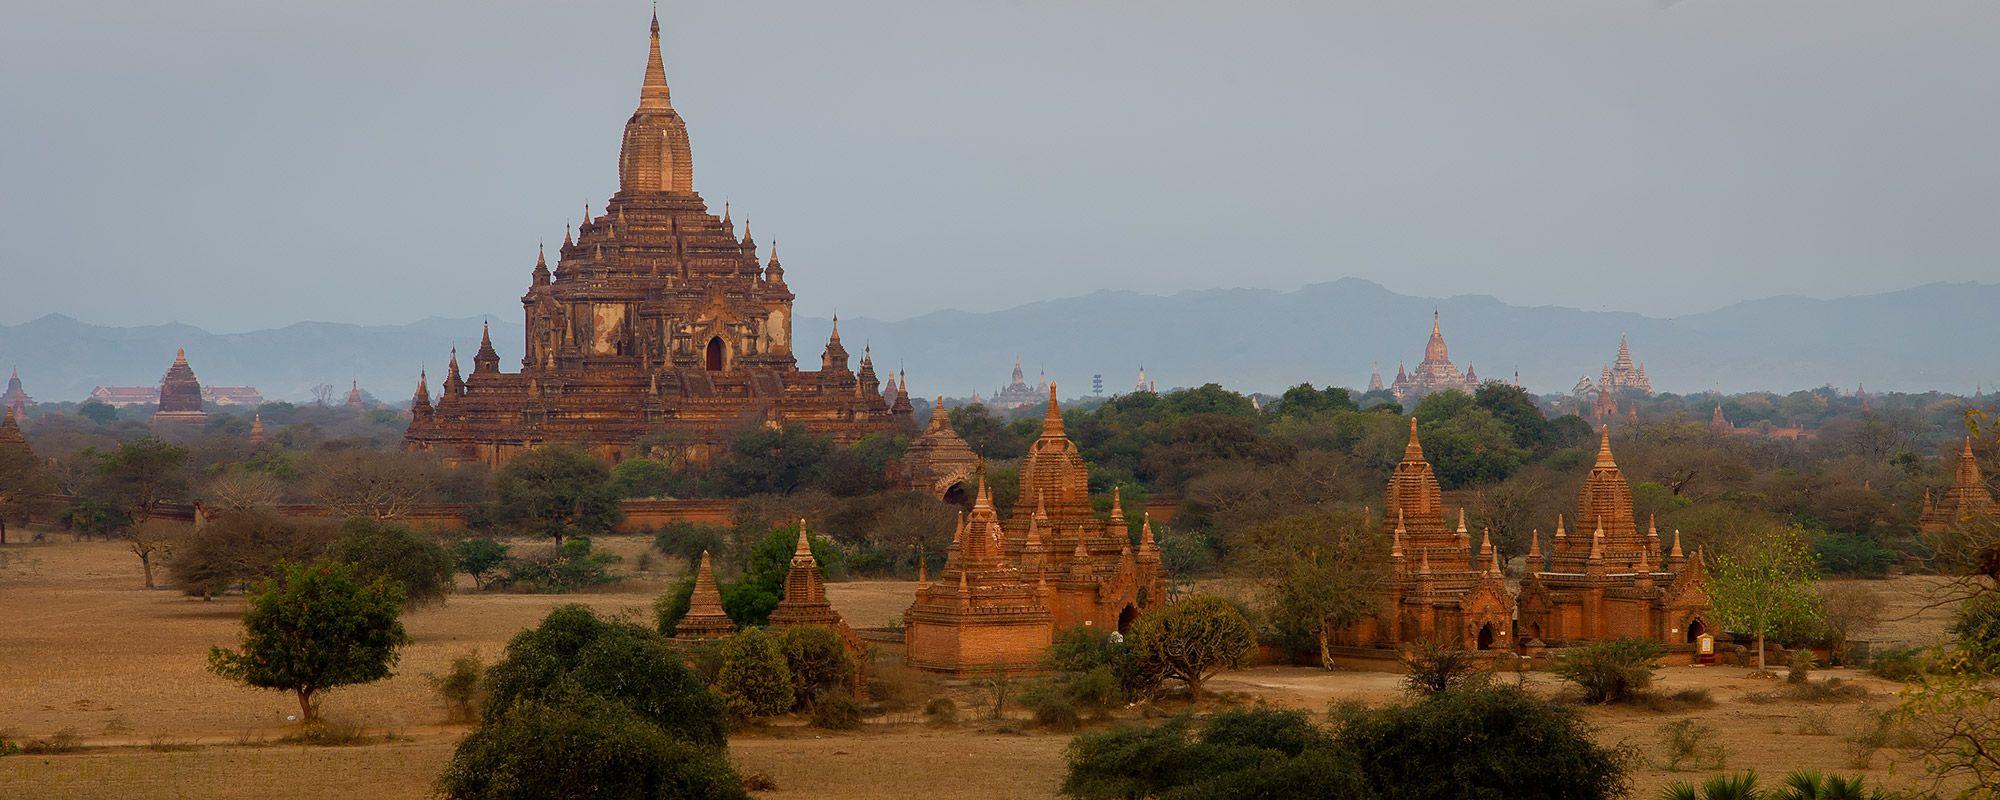 Tempel in der Ebene von Bagan